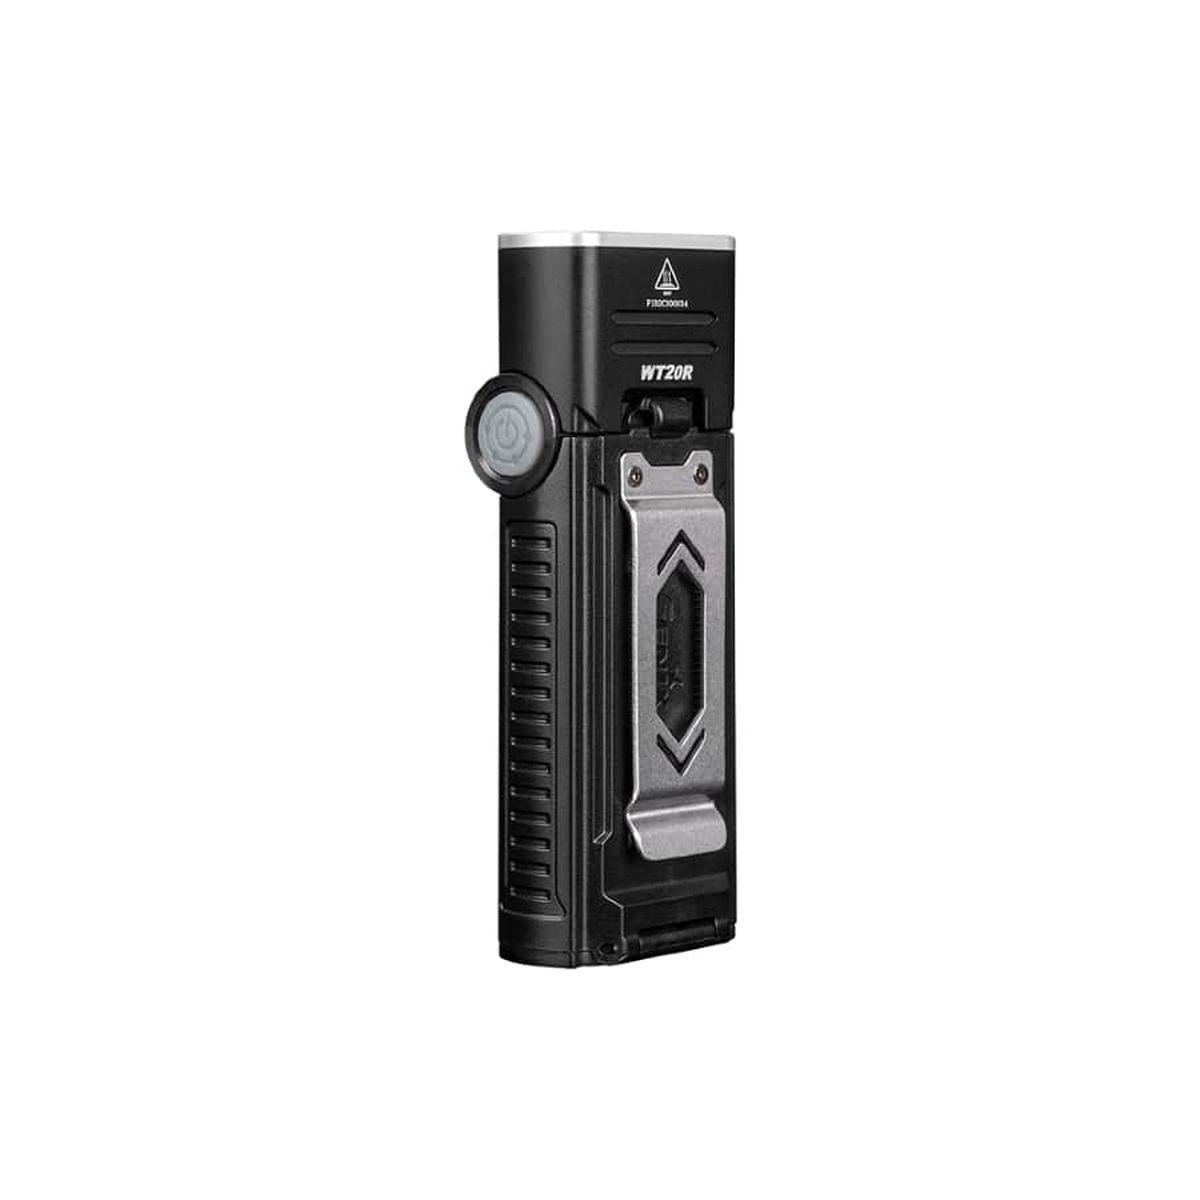 Ручной фонарь Fenix WT20R, черный